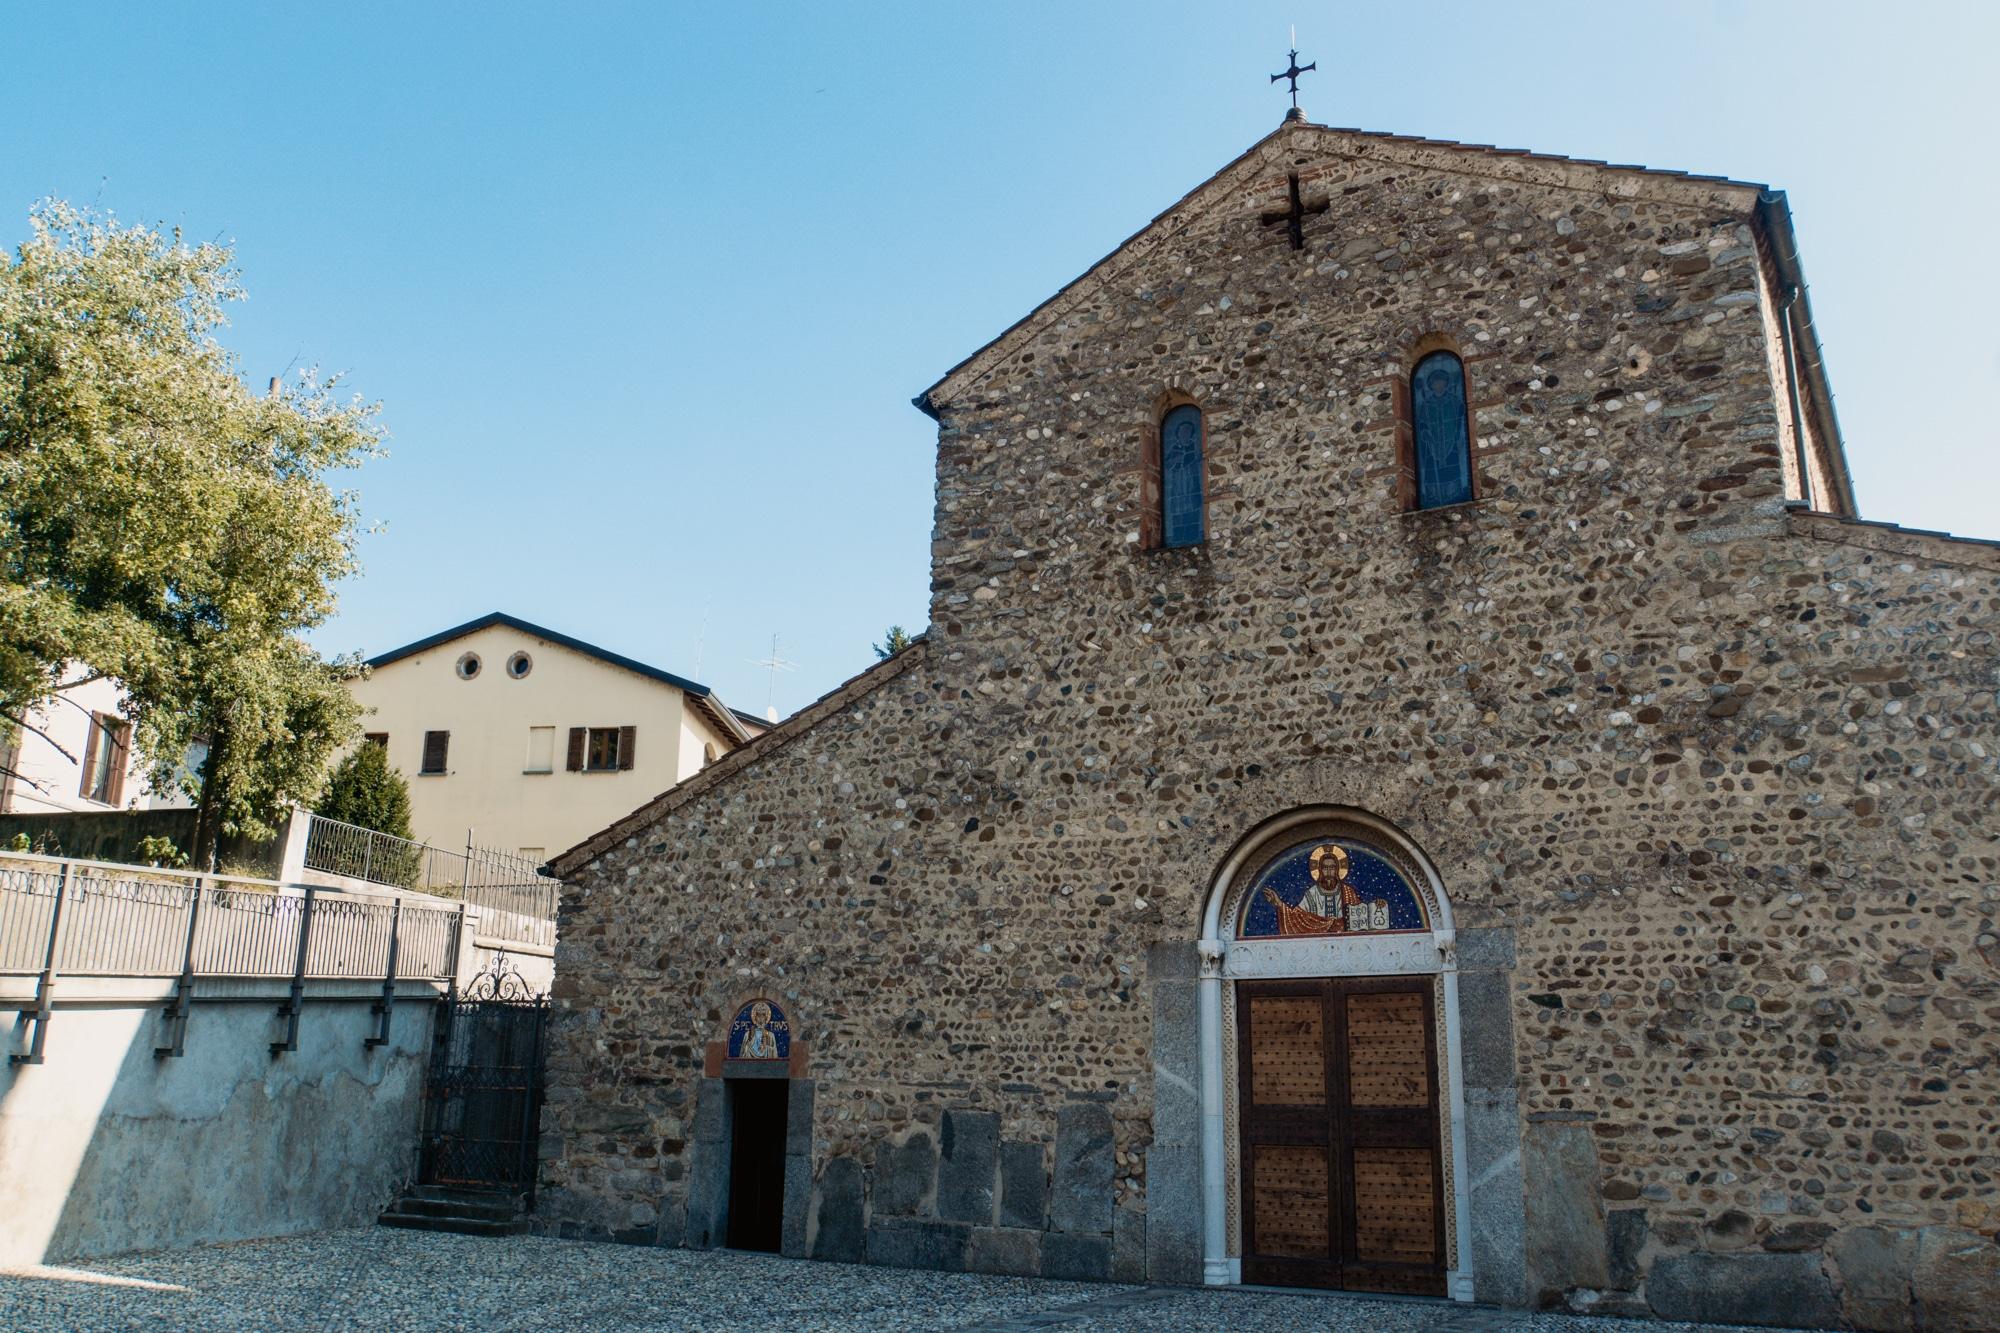 Monza und Brianza: Sehenswürdigkeiten und Highlights in der Lombardei - Basilica dei Santi Pietro e Paolo Agliate